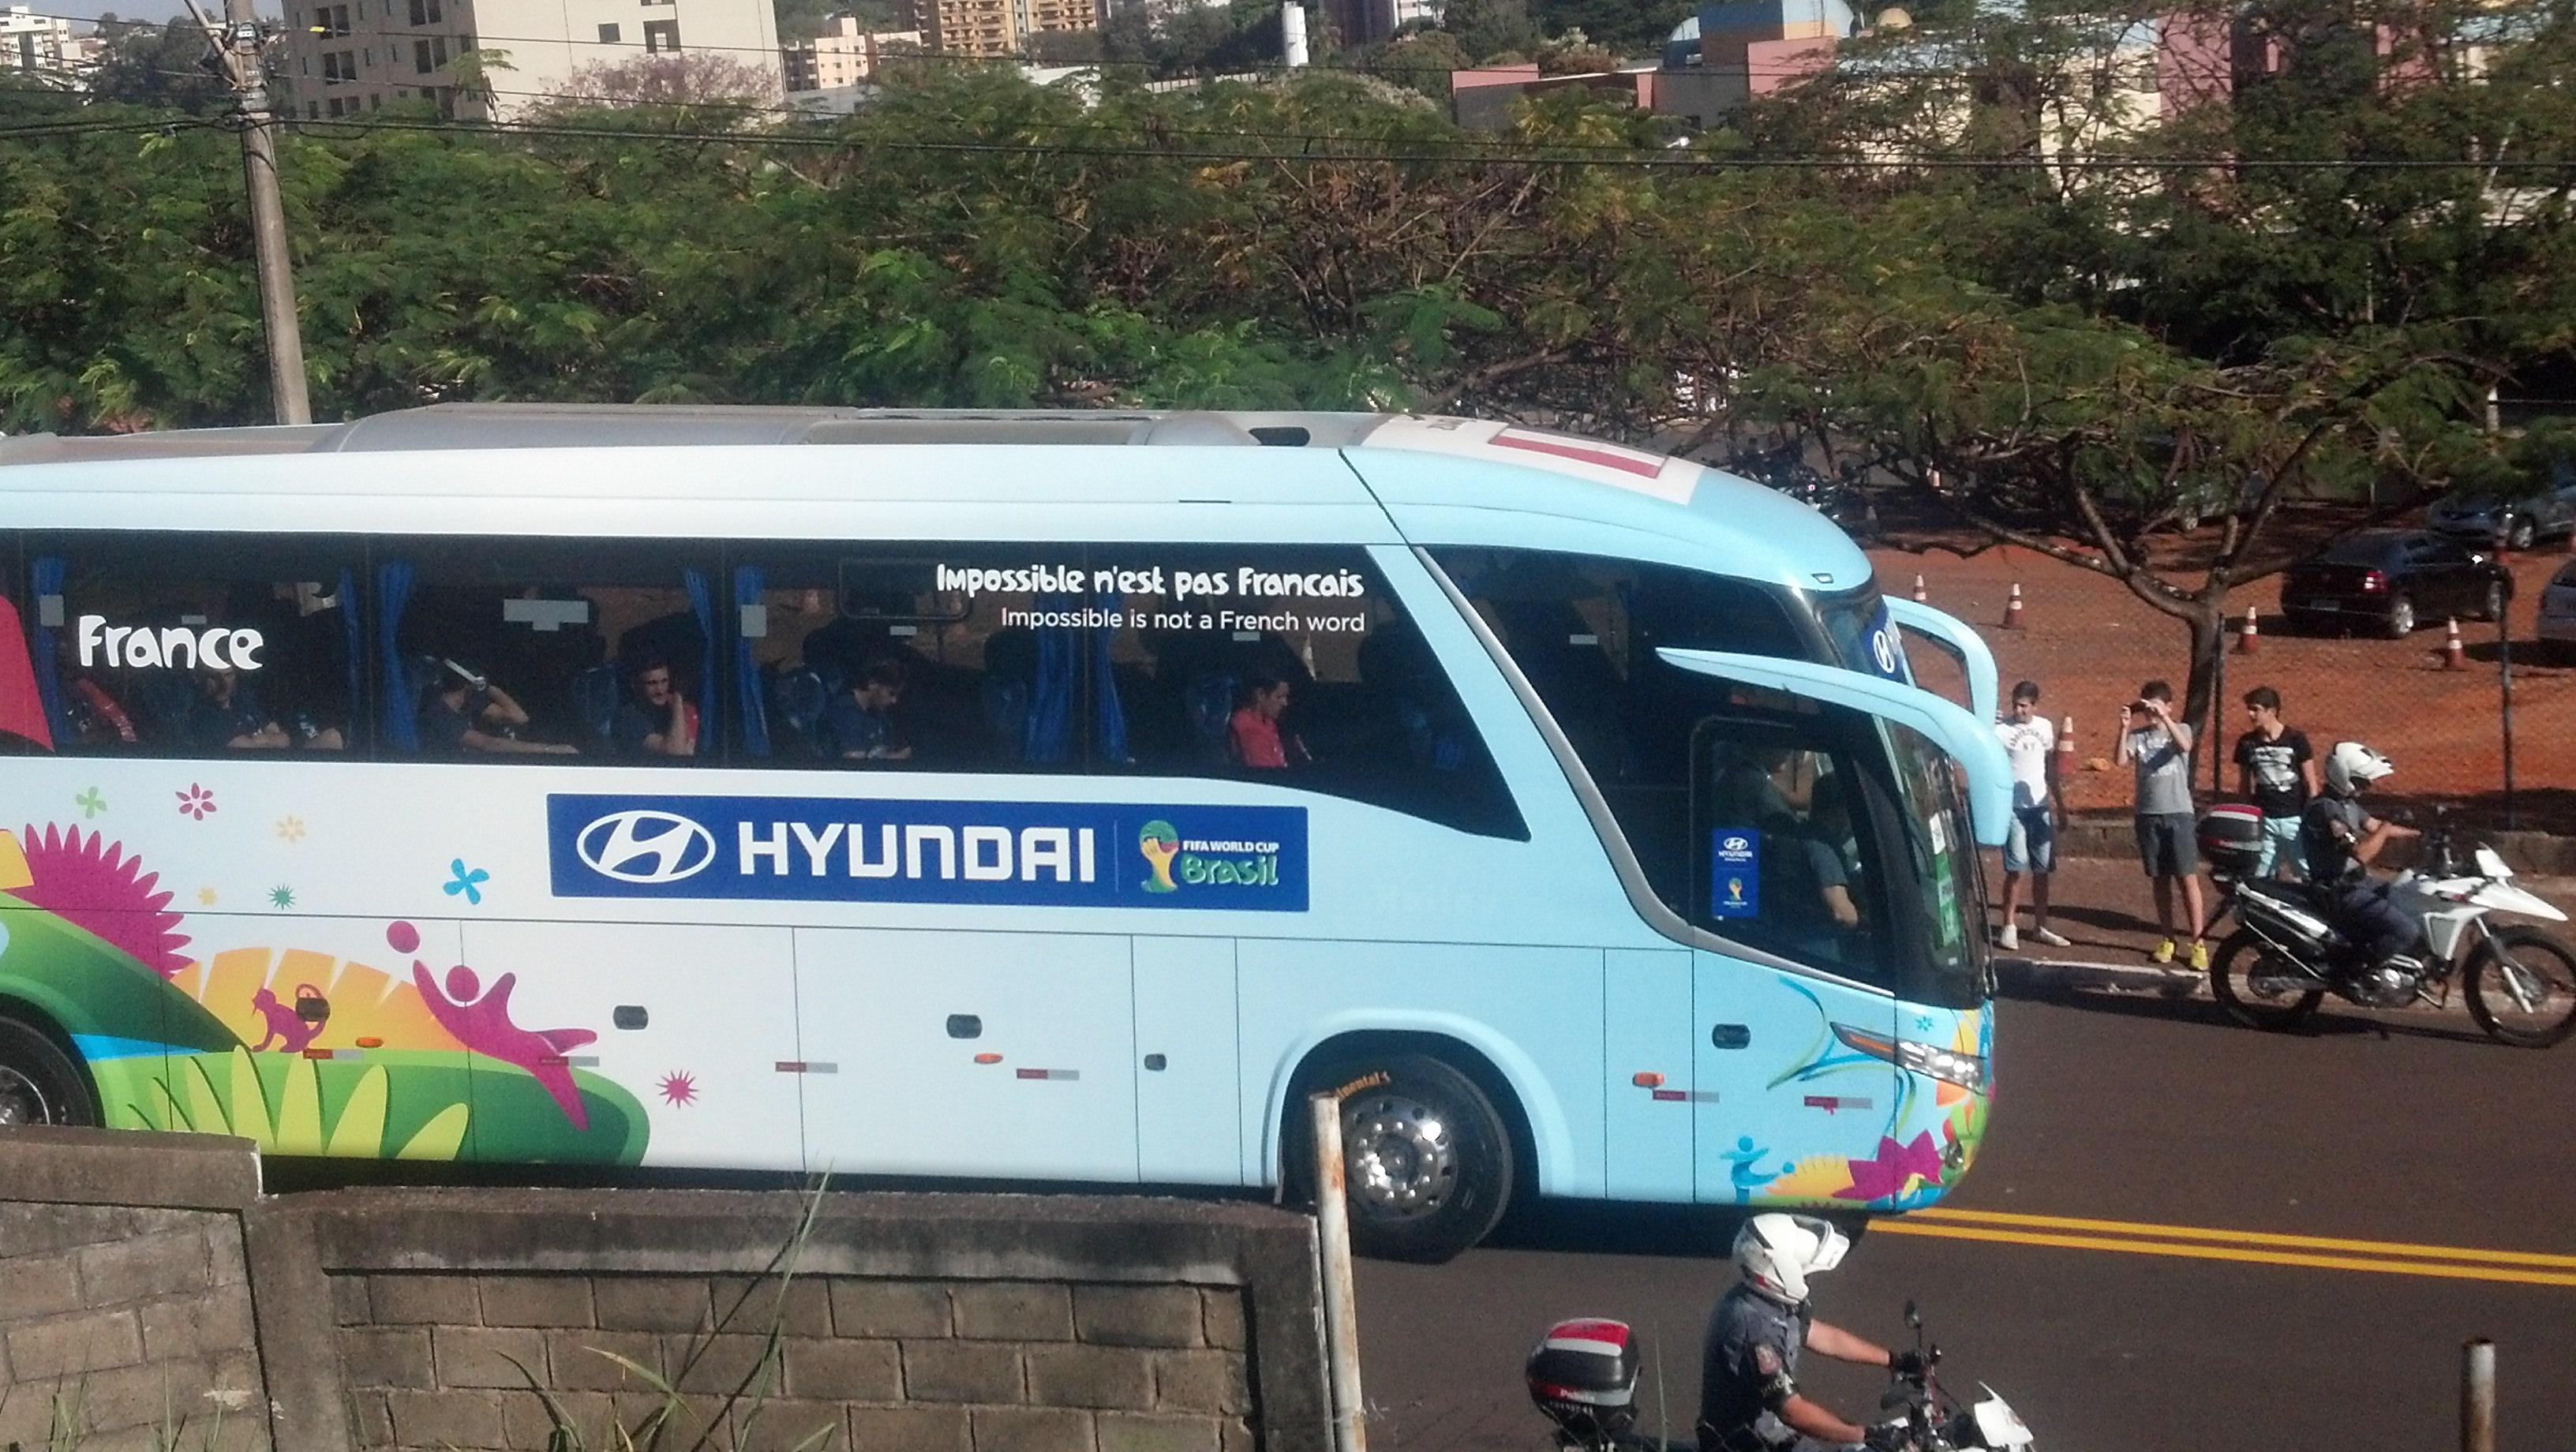 Acima do símbolo da Hyundai, identificamos o goleiro e capitão Lloris